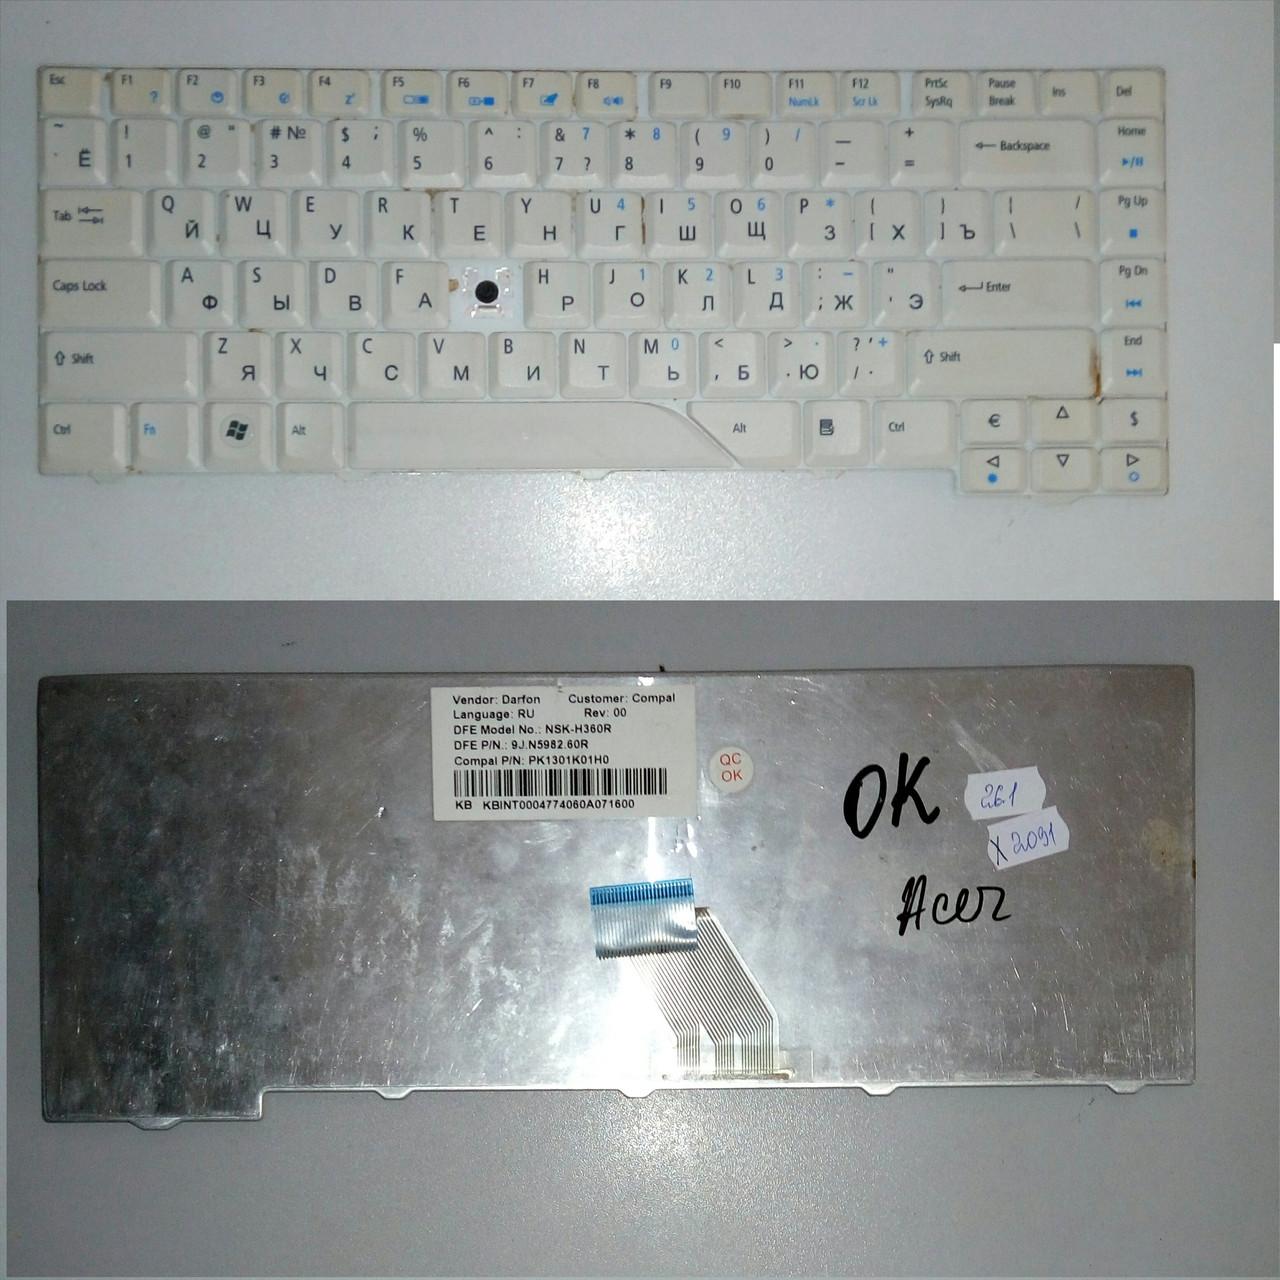 Клавиатура для ноутбуков Acer Aspire 4220, 4310, 4520, 4710, 5220, 530